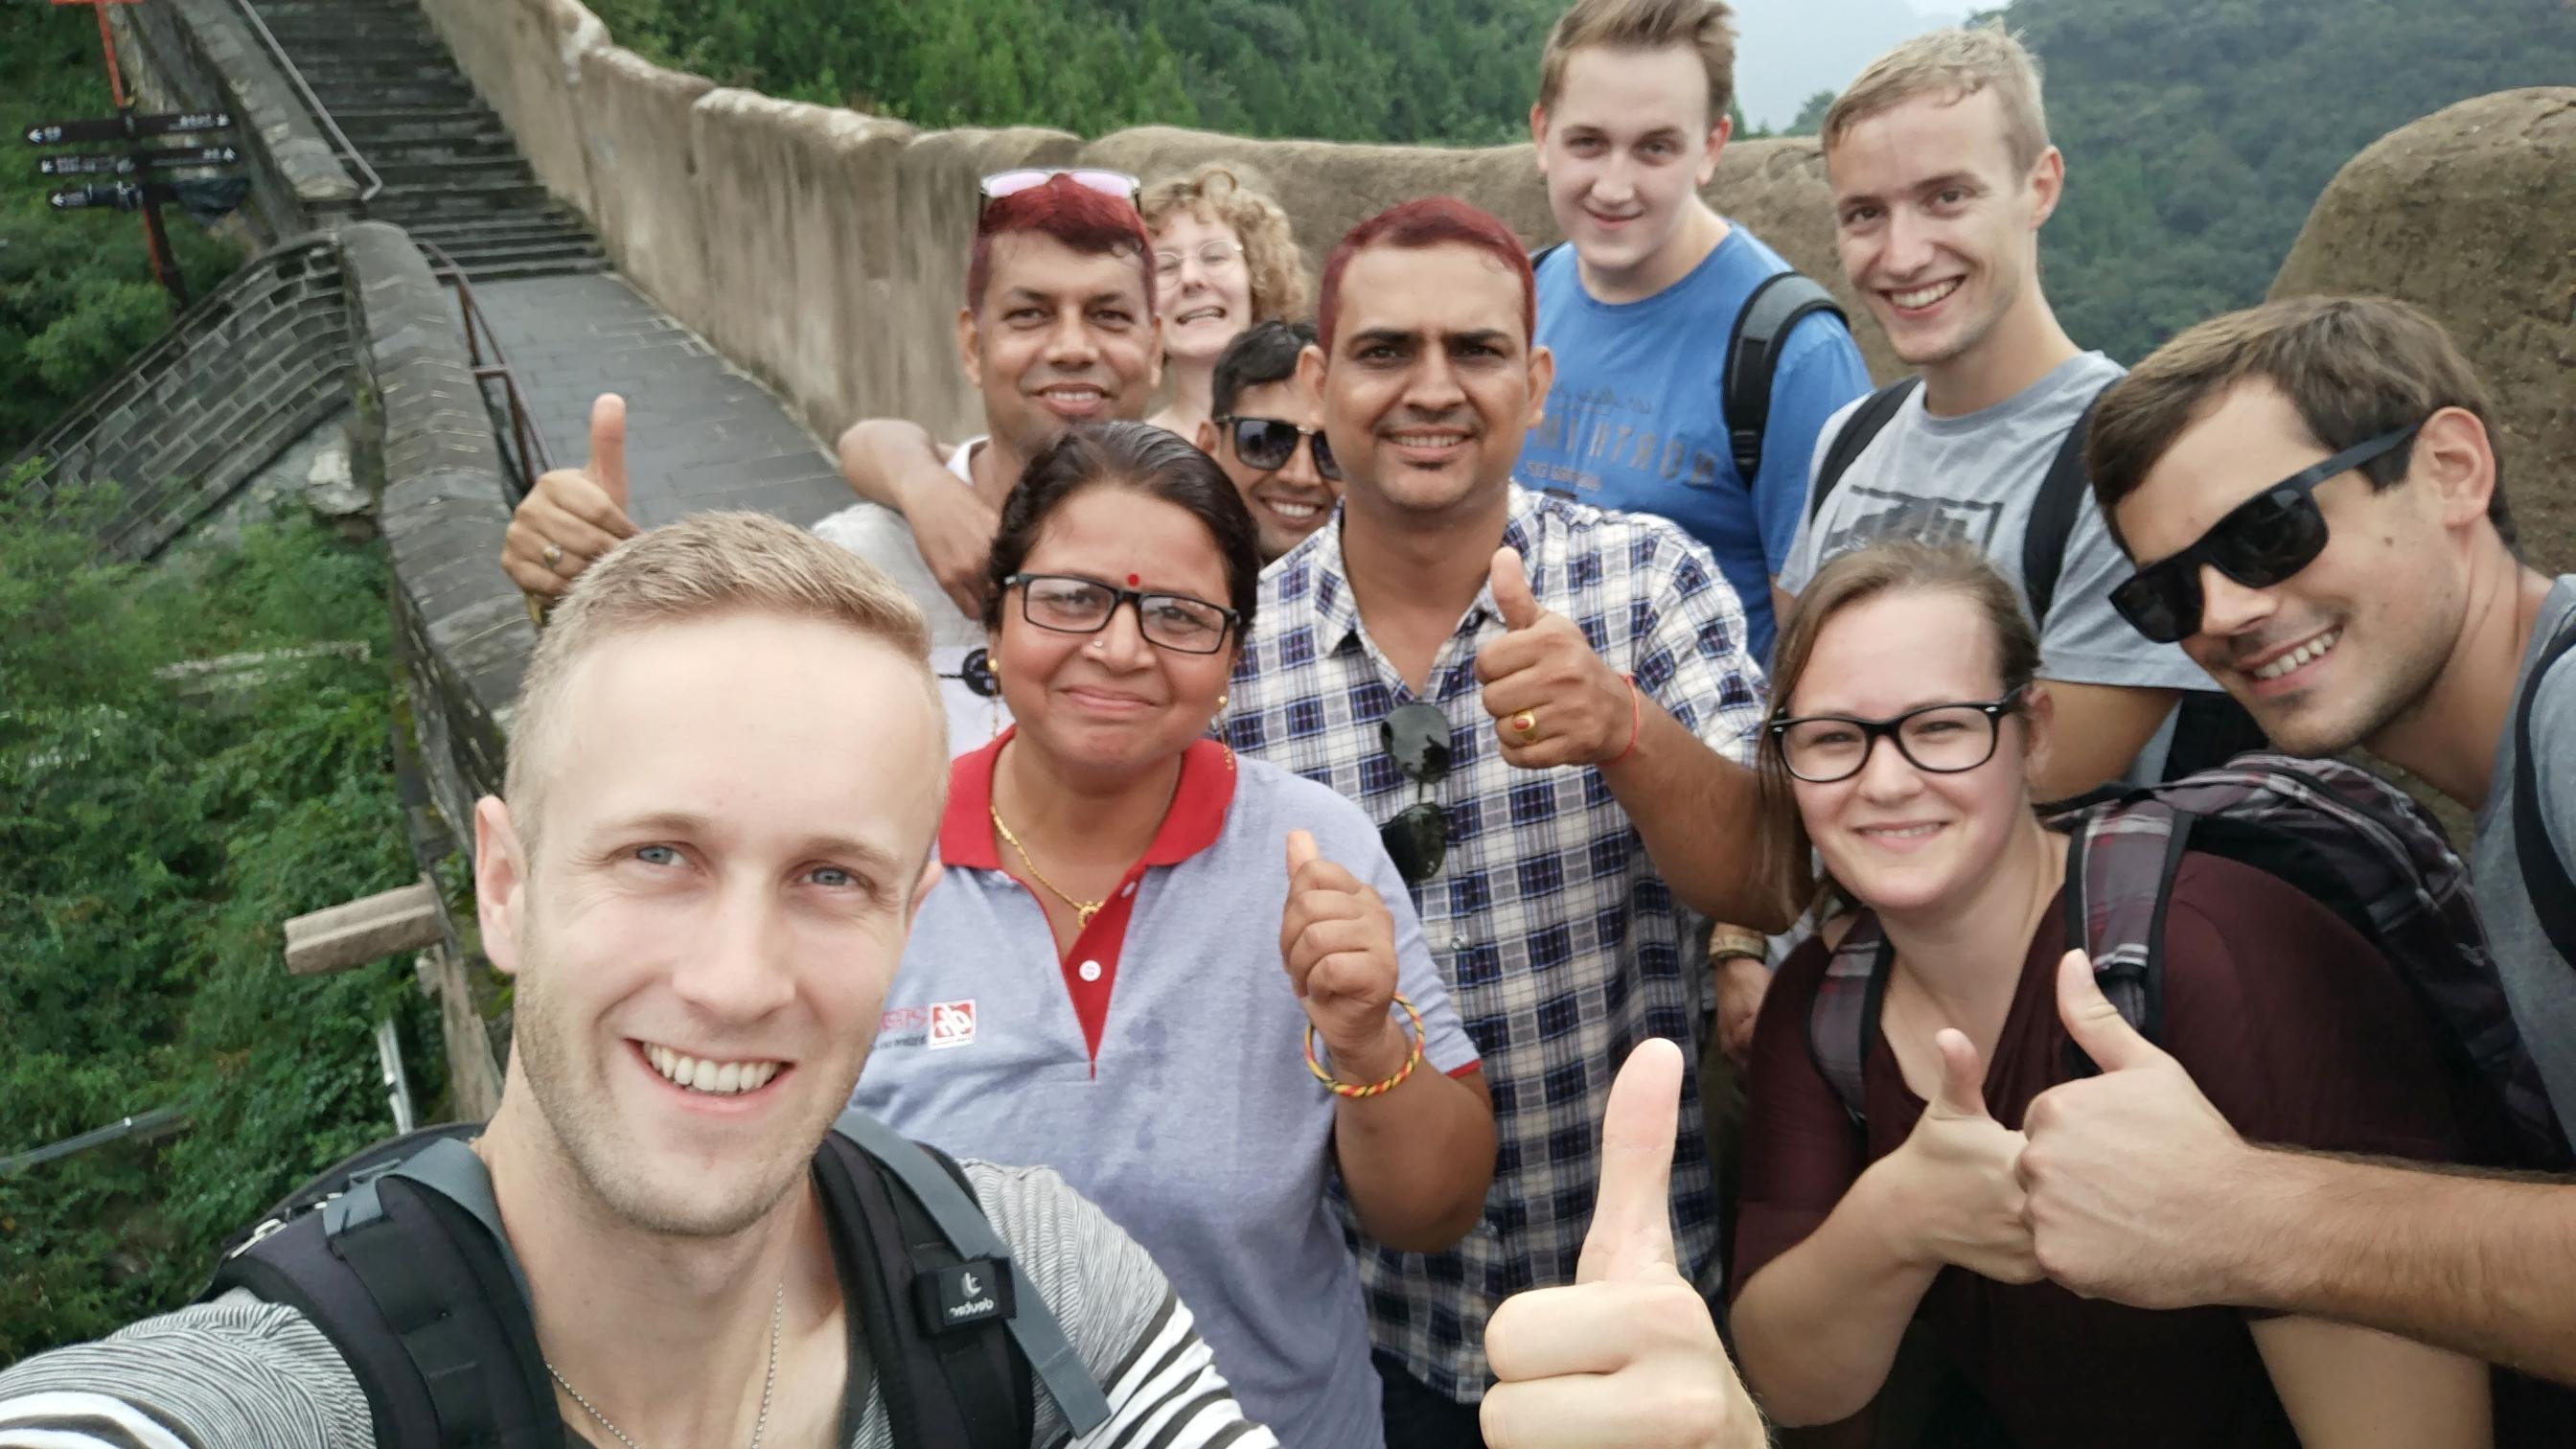 Einige der Teilnehmerinnen und Teilnehmer auf der Great Wall.